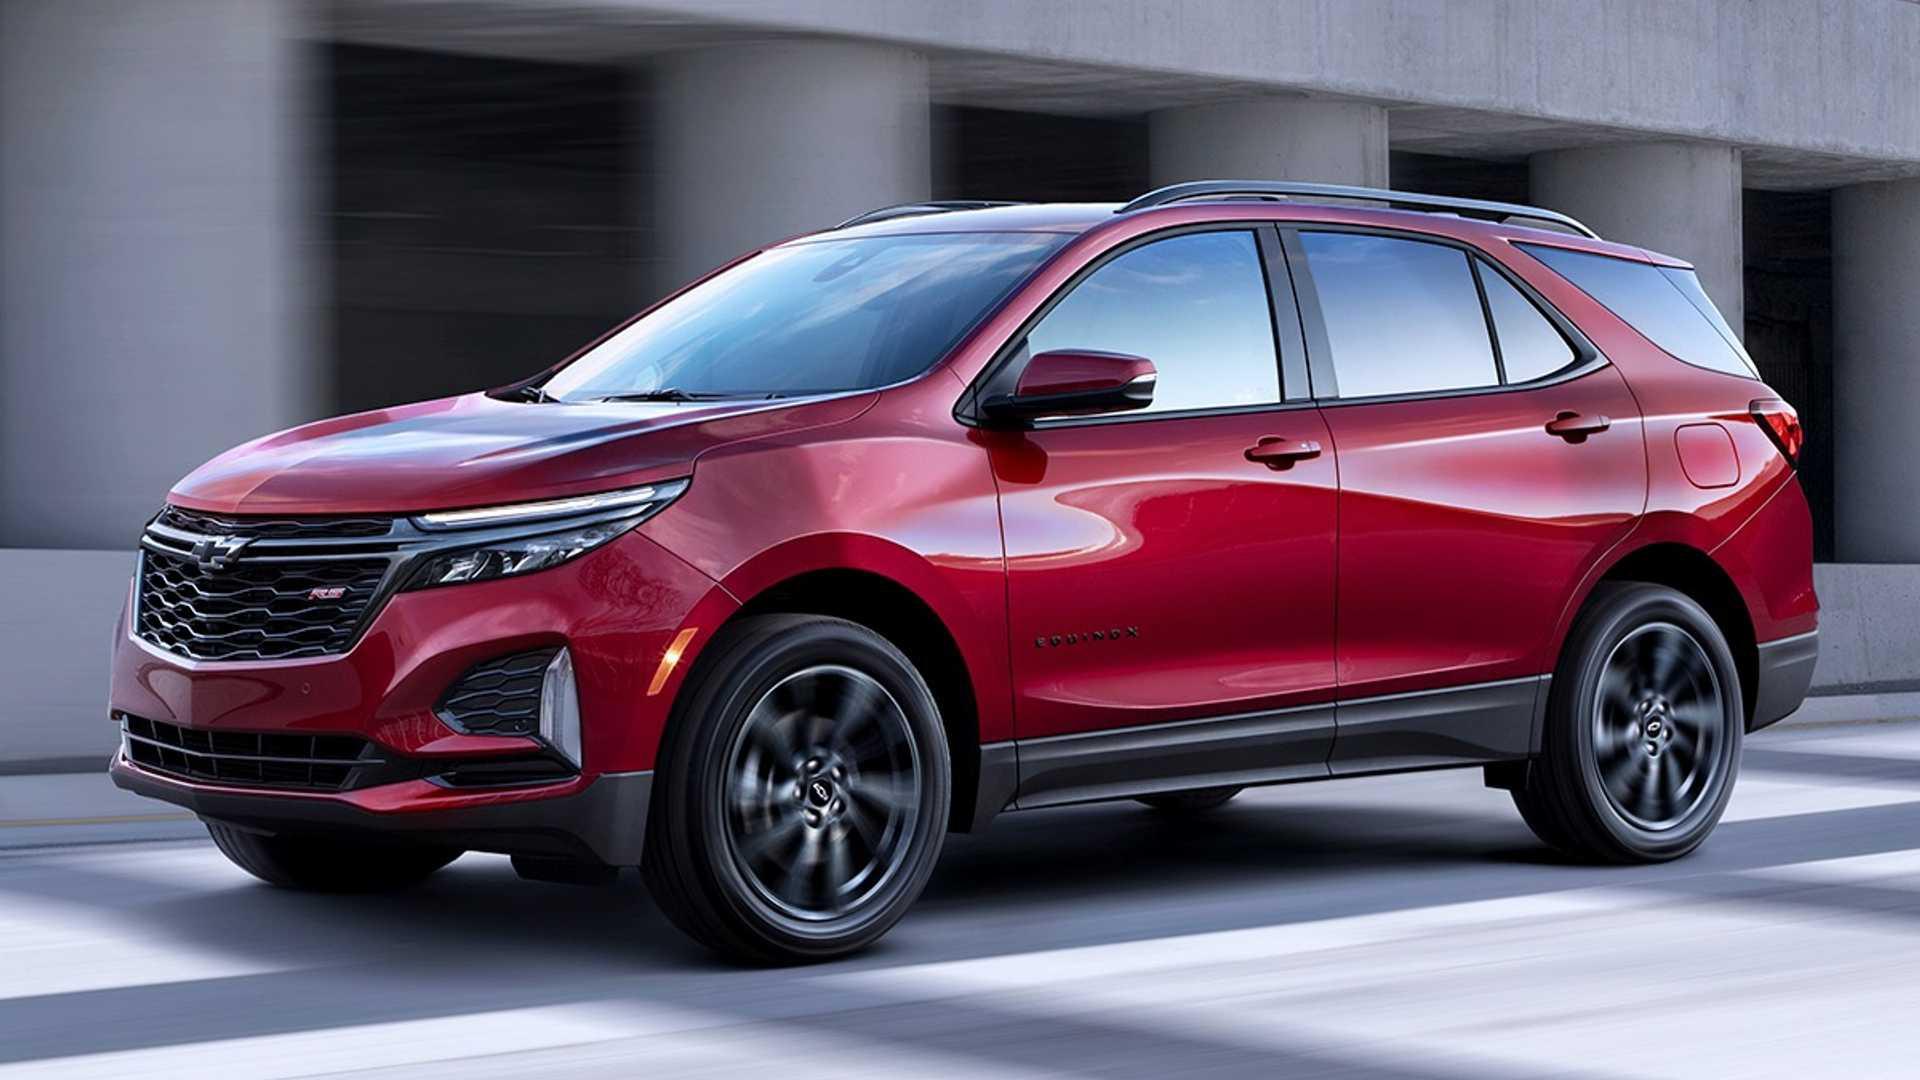 Top 10 mẫu xe bán chạy nhất nước Mỹ năm 2020 - Ảnh 4.